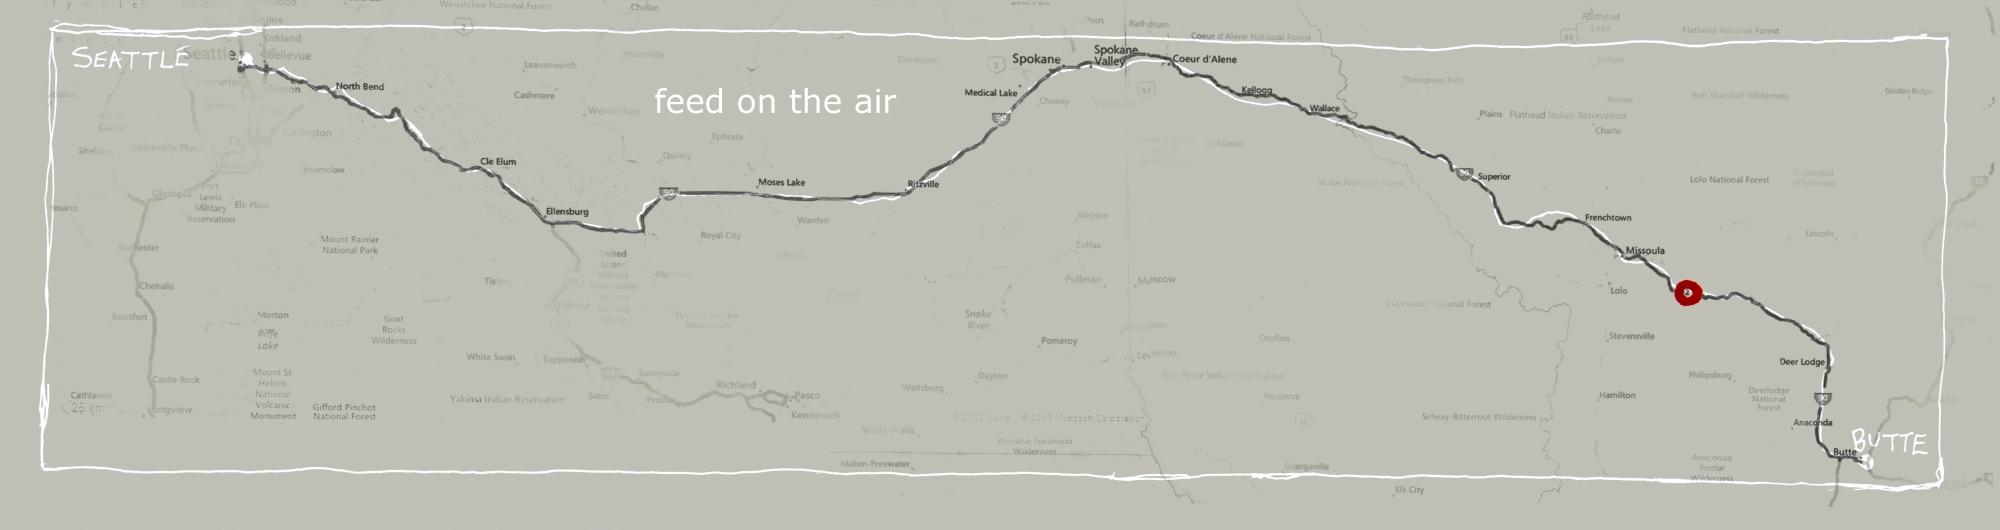 408 map